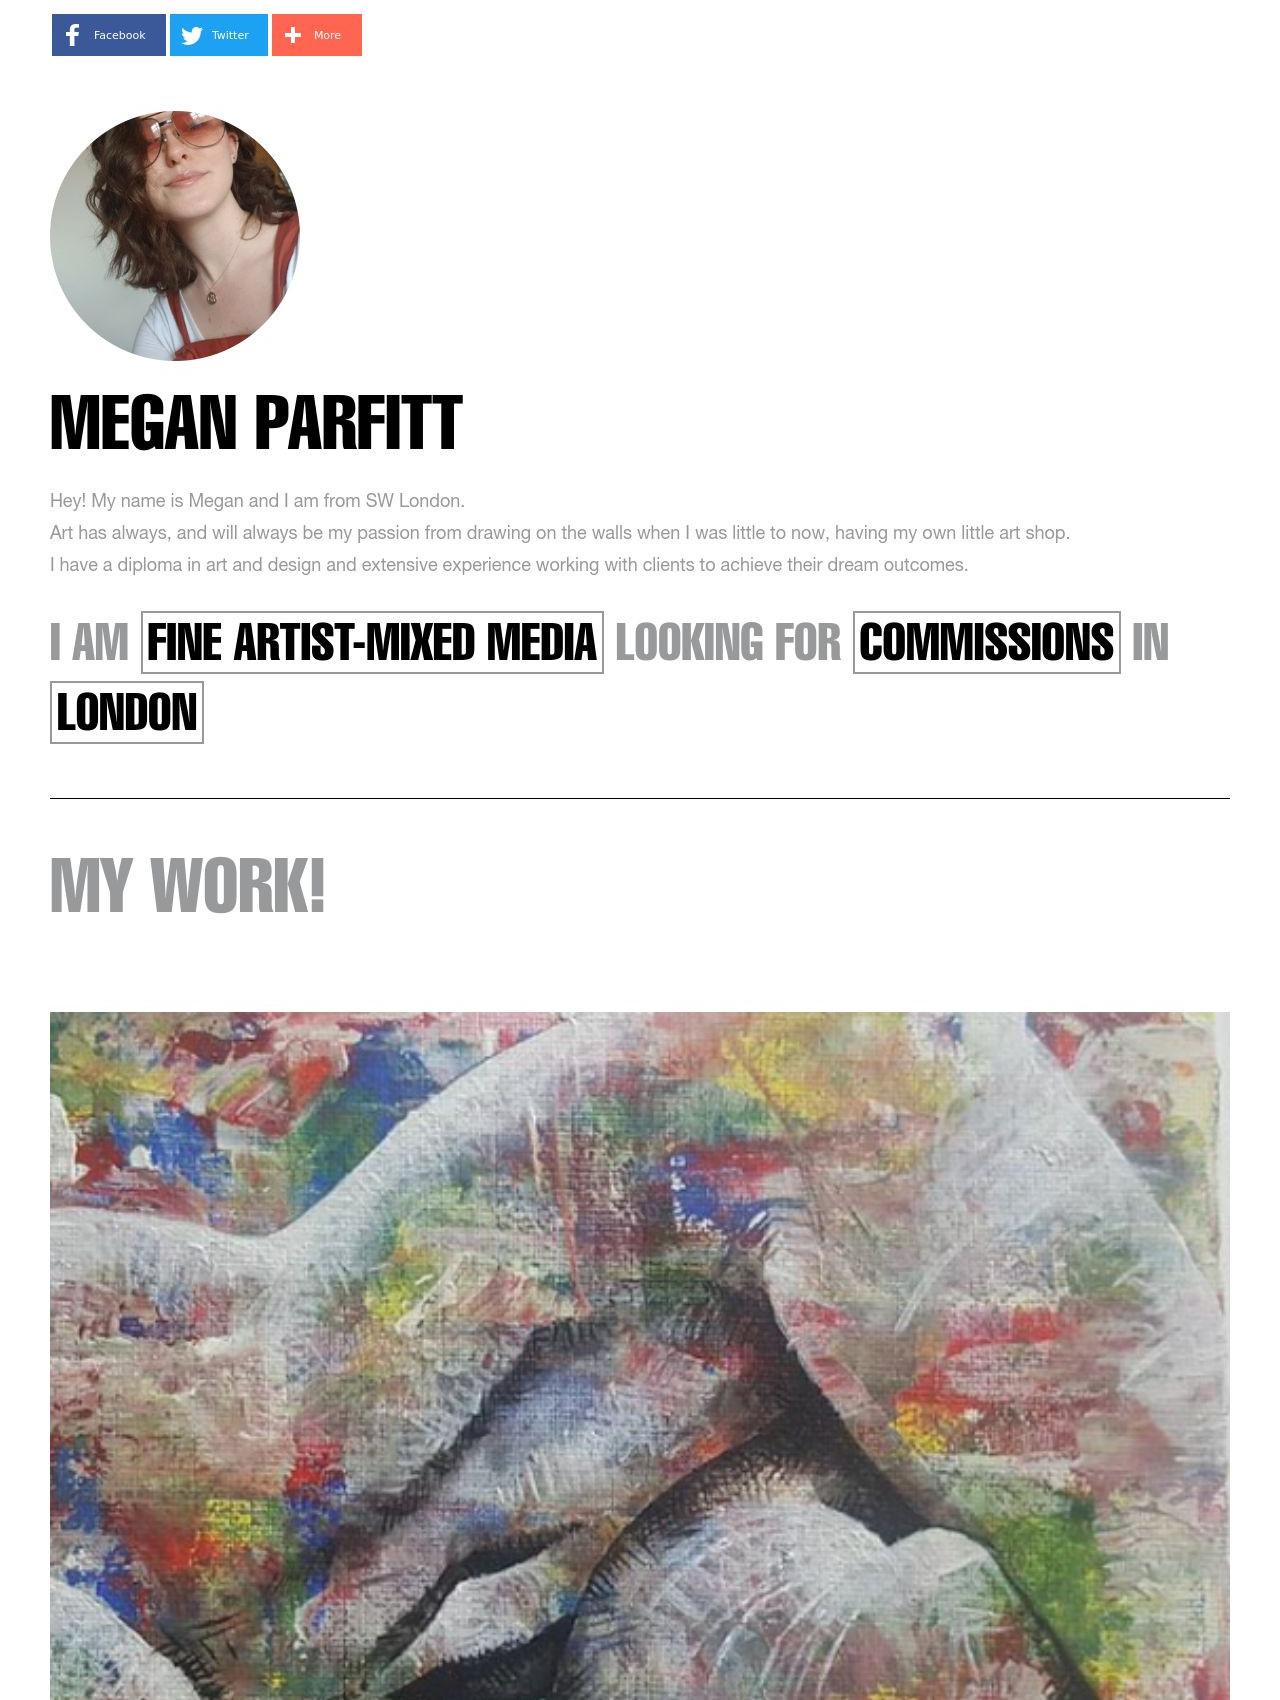 Megan Parfitt